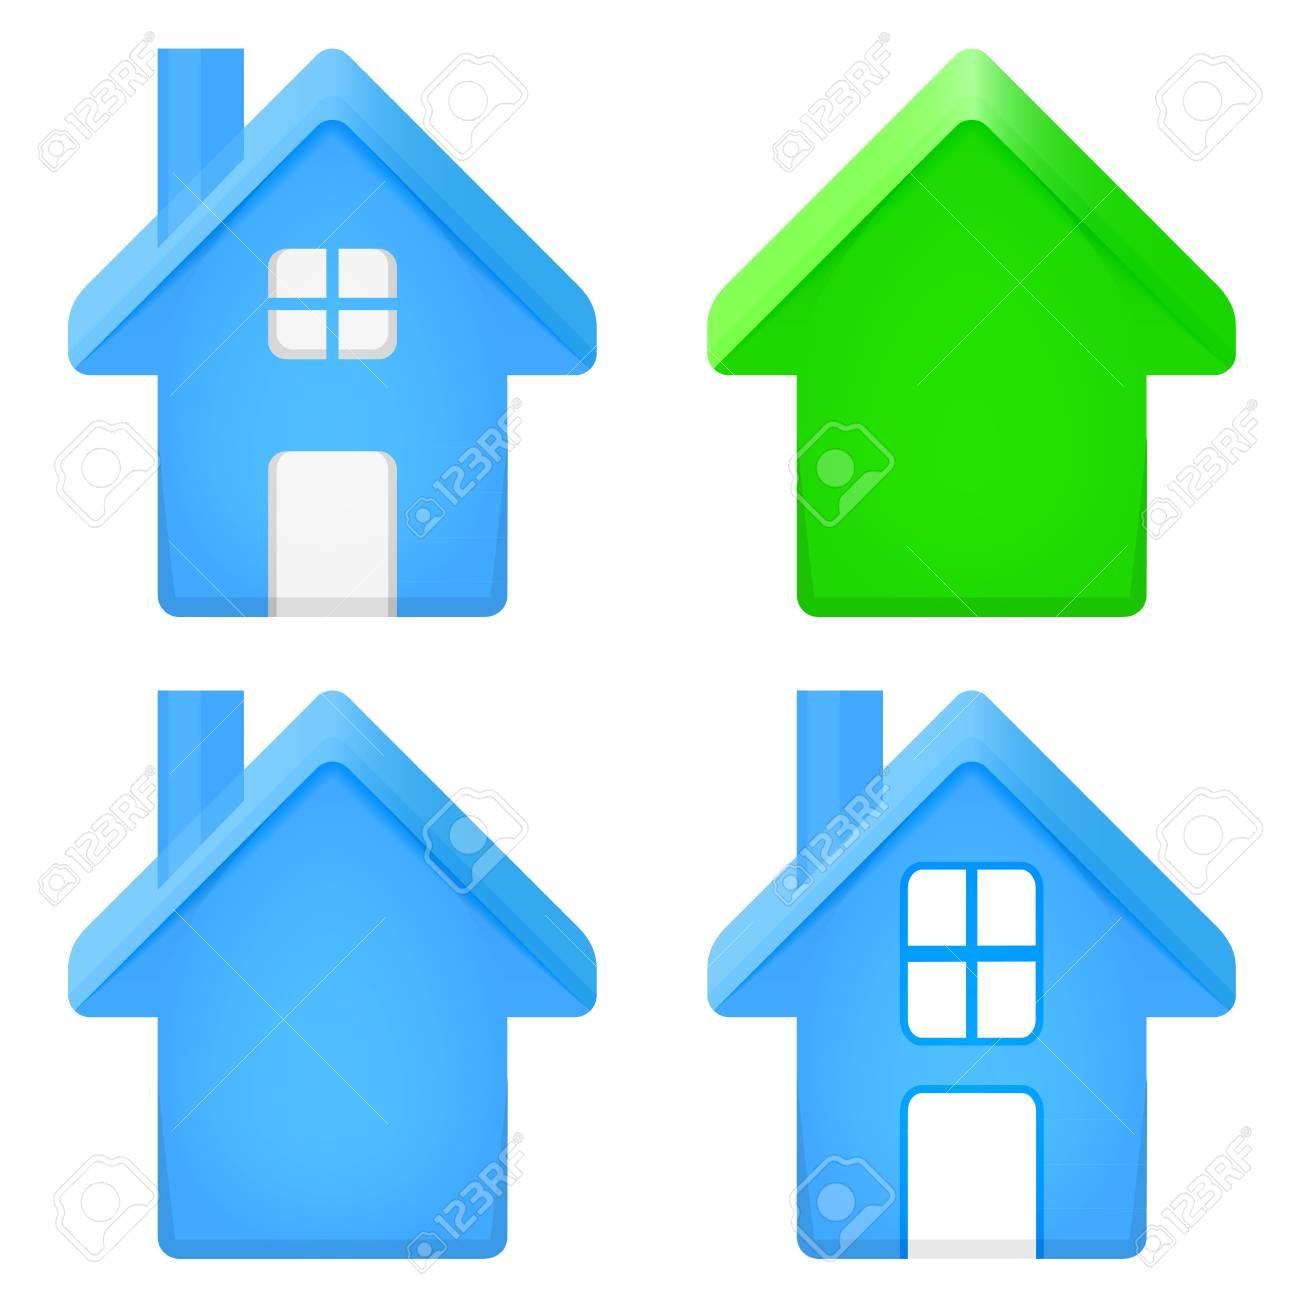 Rundes Haus 3d Icon Set Isoliert Auf Weiss Abbildung Lizenzfrei